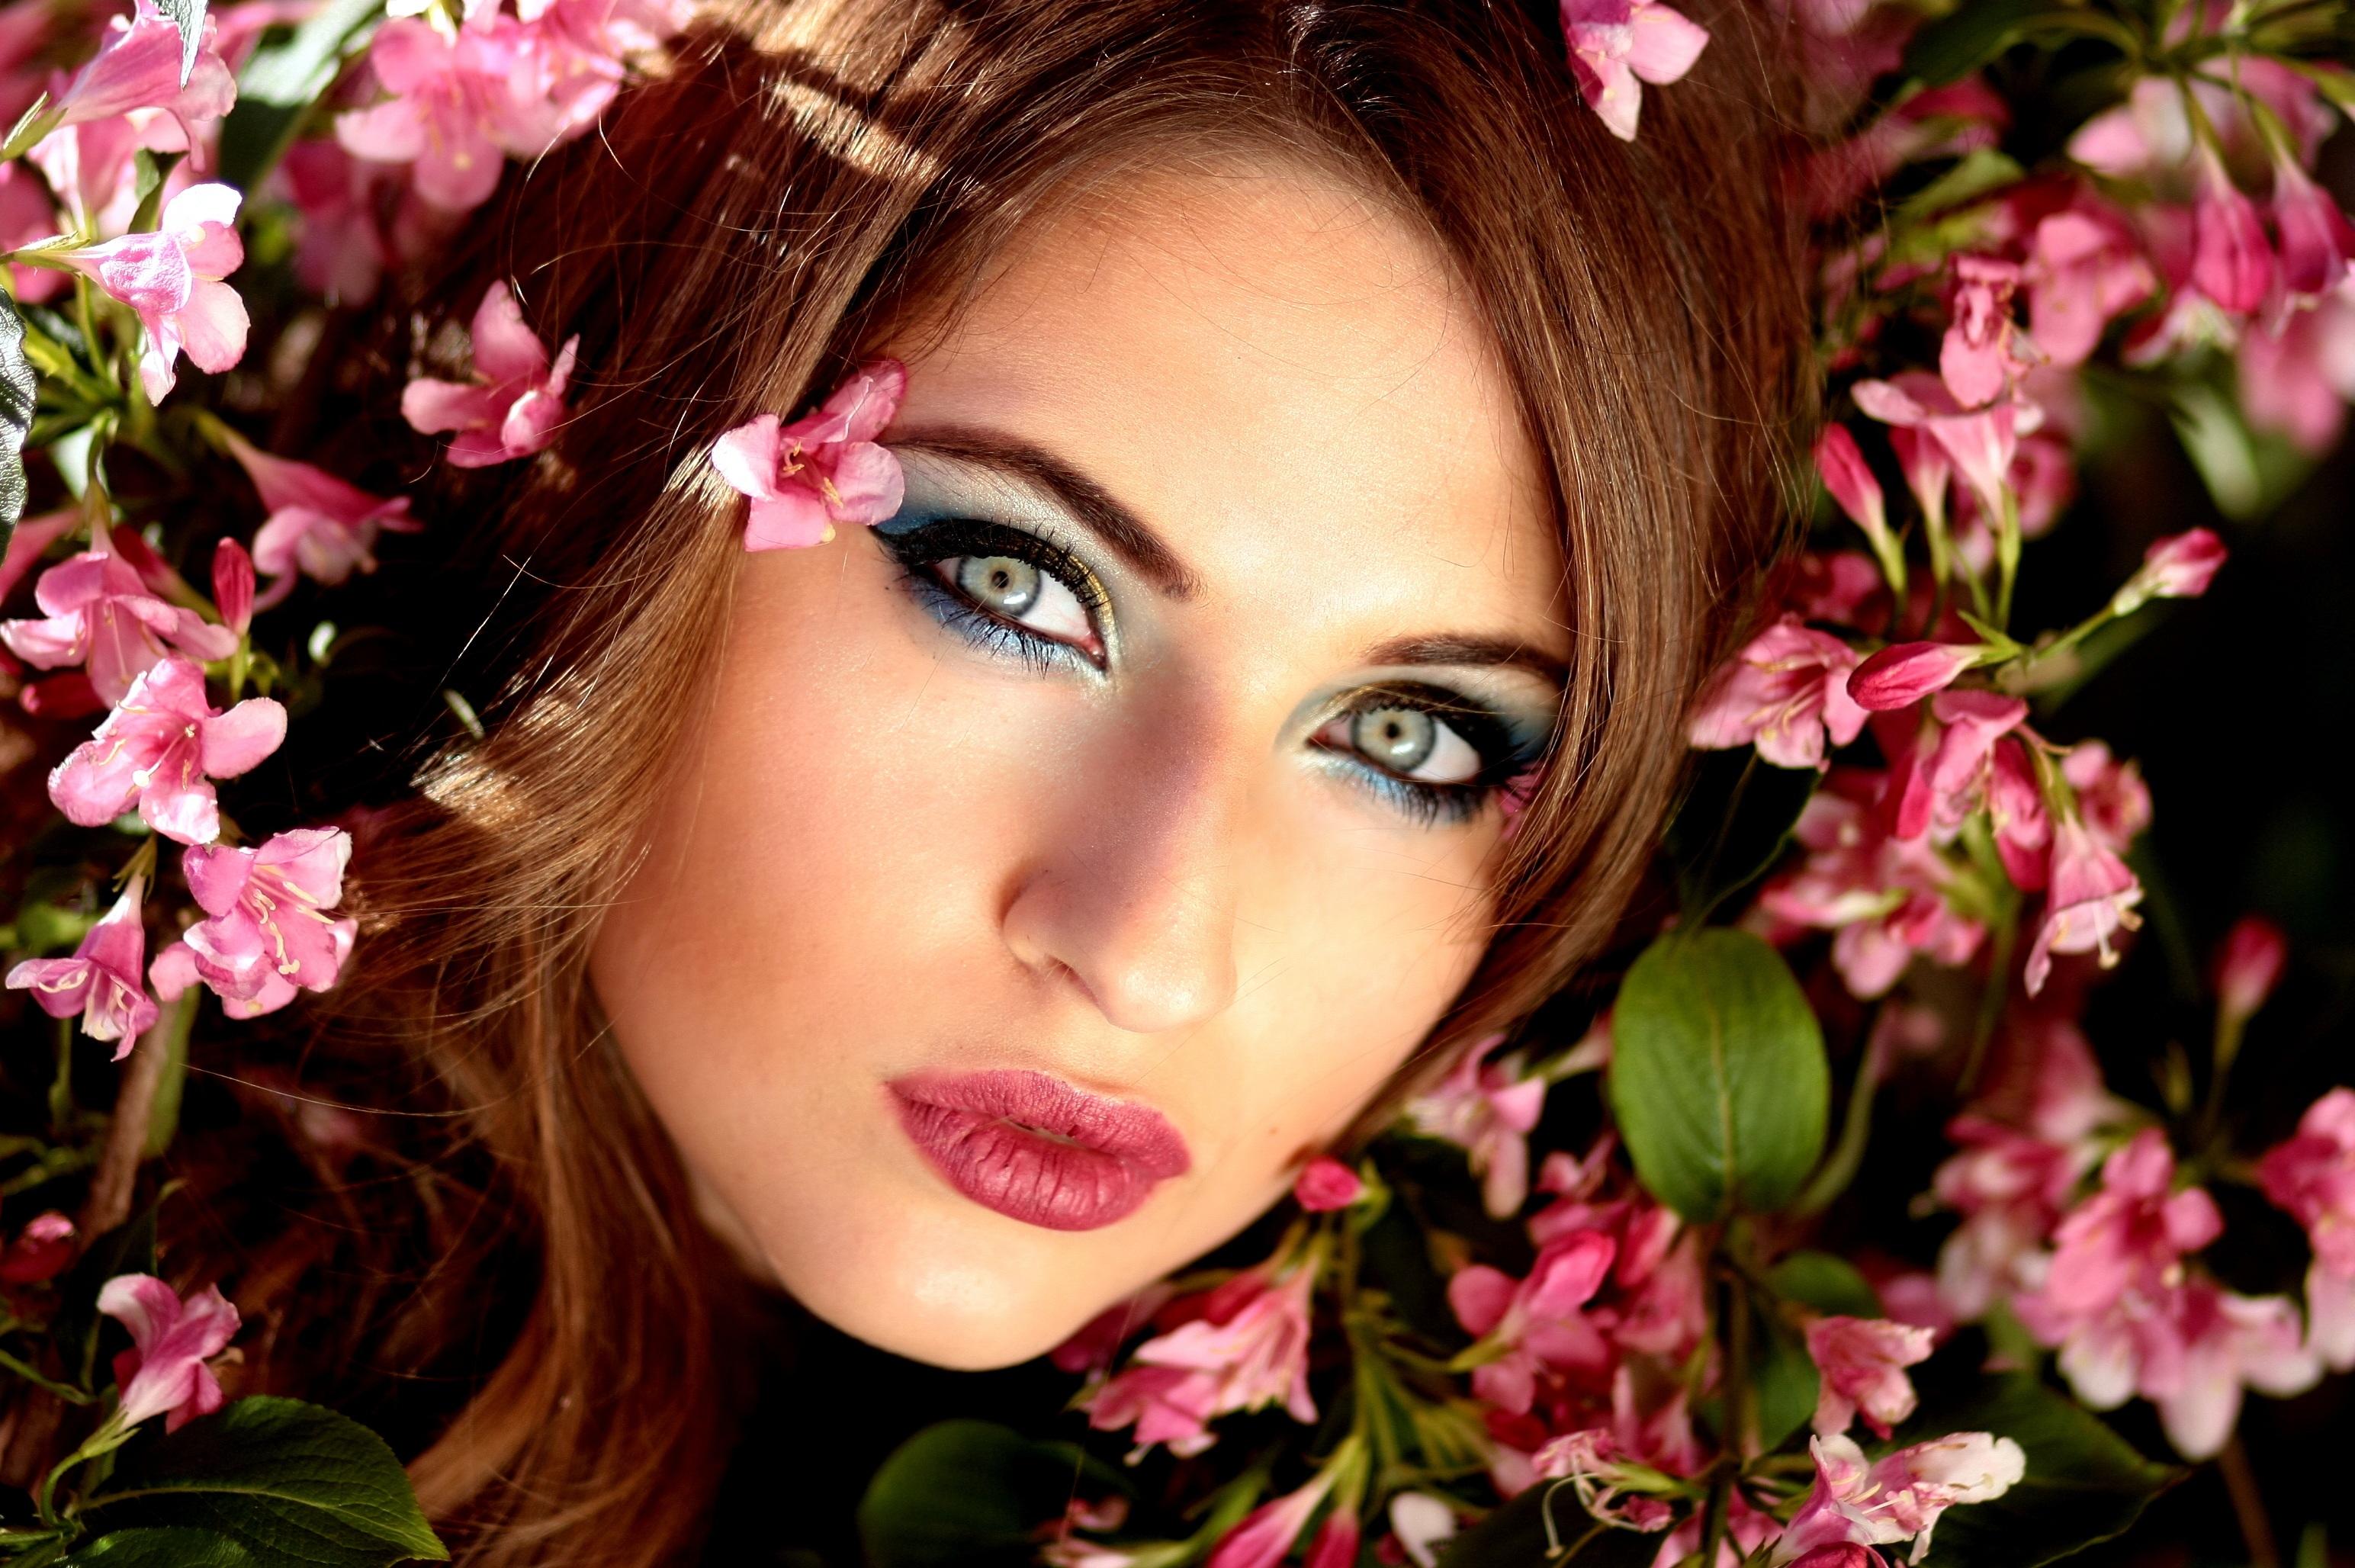 Gambar orang menanam gadis wanita rambut bunga model musim semi mode berwarna merah muda pengantin bibir bunga bunga menghadapi kepala